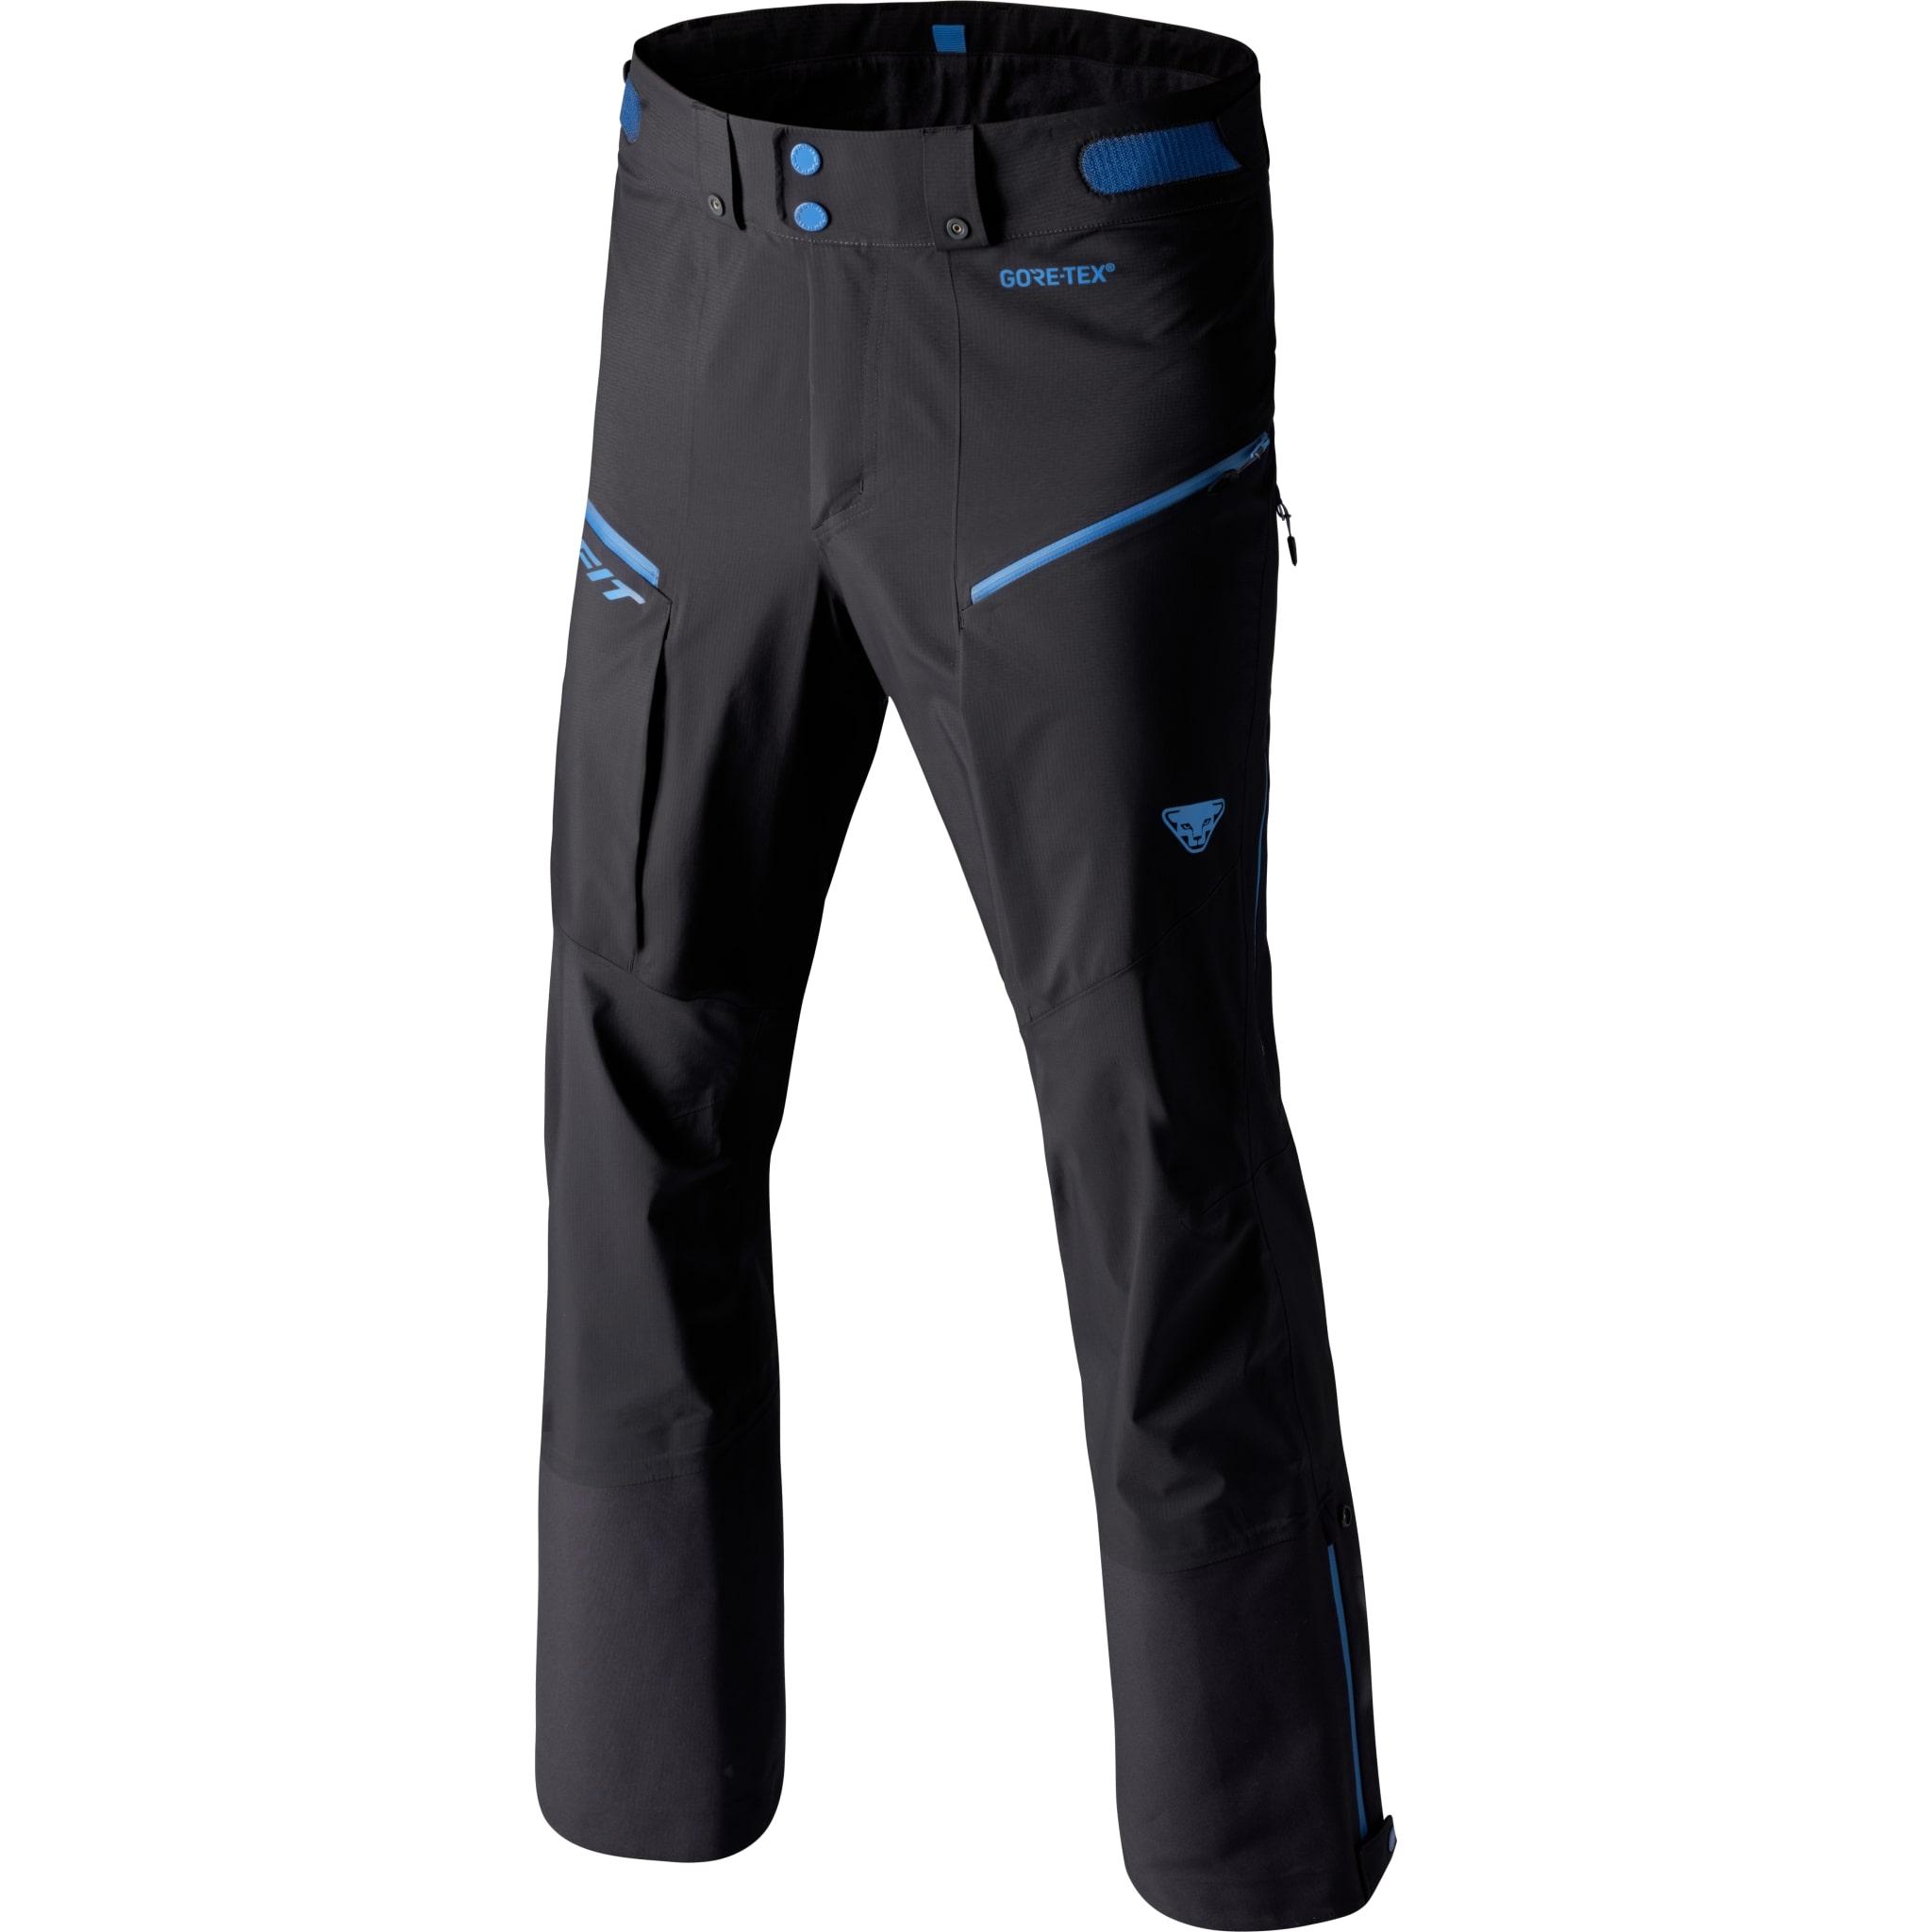 Vanntett, lett og smidig bukse for toppturer på ski